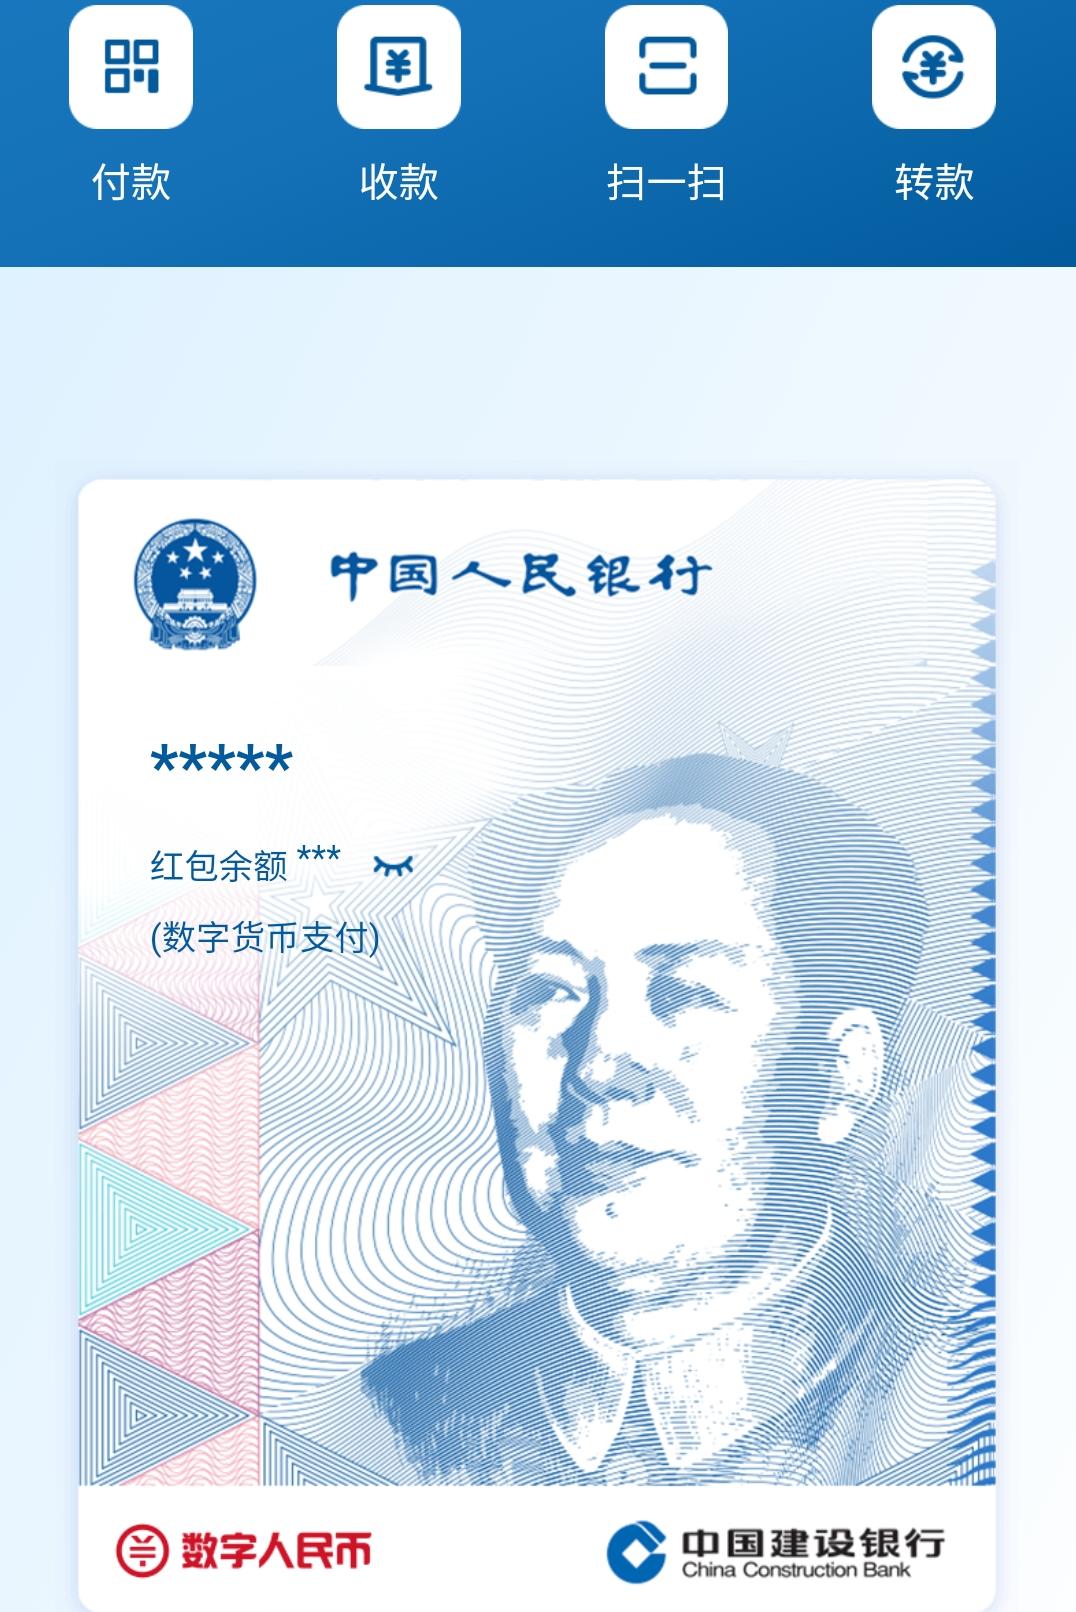 不计息、要遵守反洗钱管理…中国央行副行长详解数字人民币_图1-1